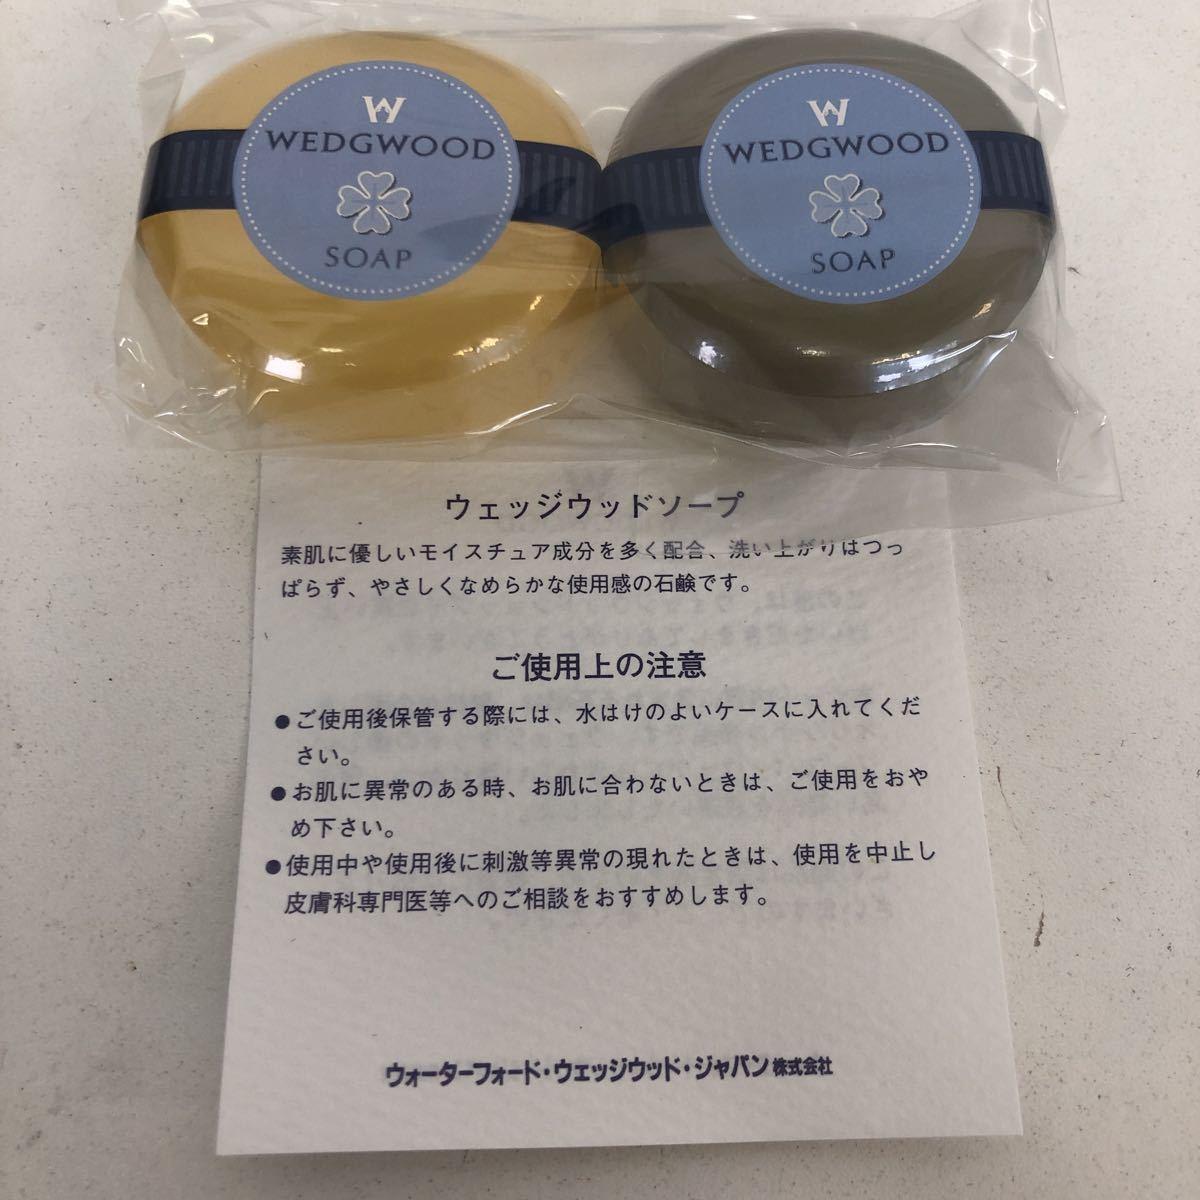 【未使用品】WEDGWOOD ウェッジウッド(置時計/プレート/ソープ)_画像6